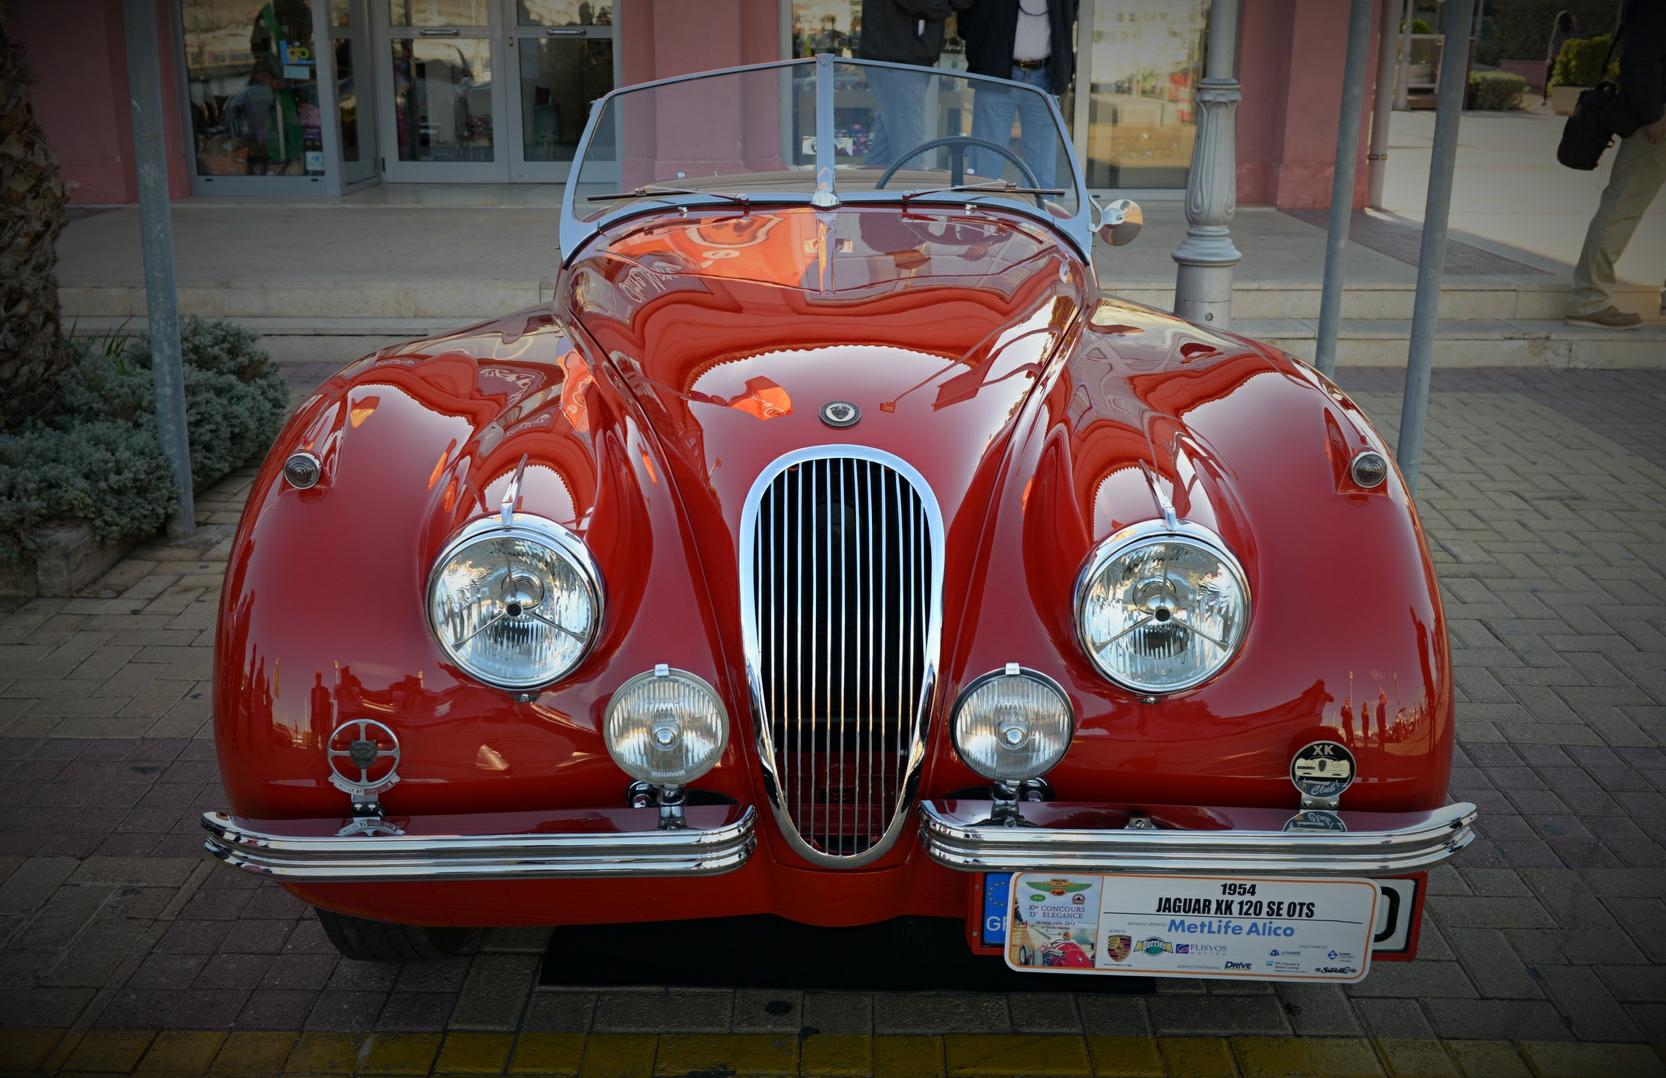 1954 JAGUAR XK120 SE OTS